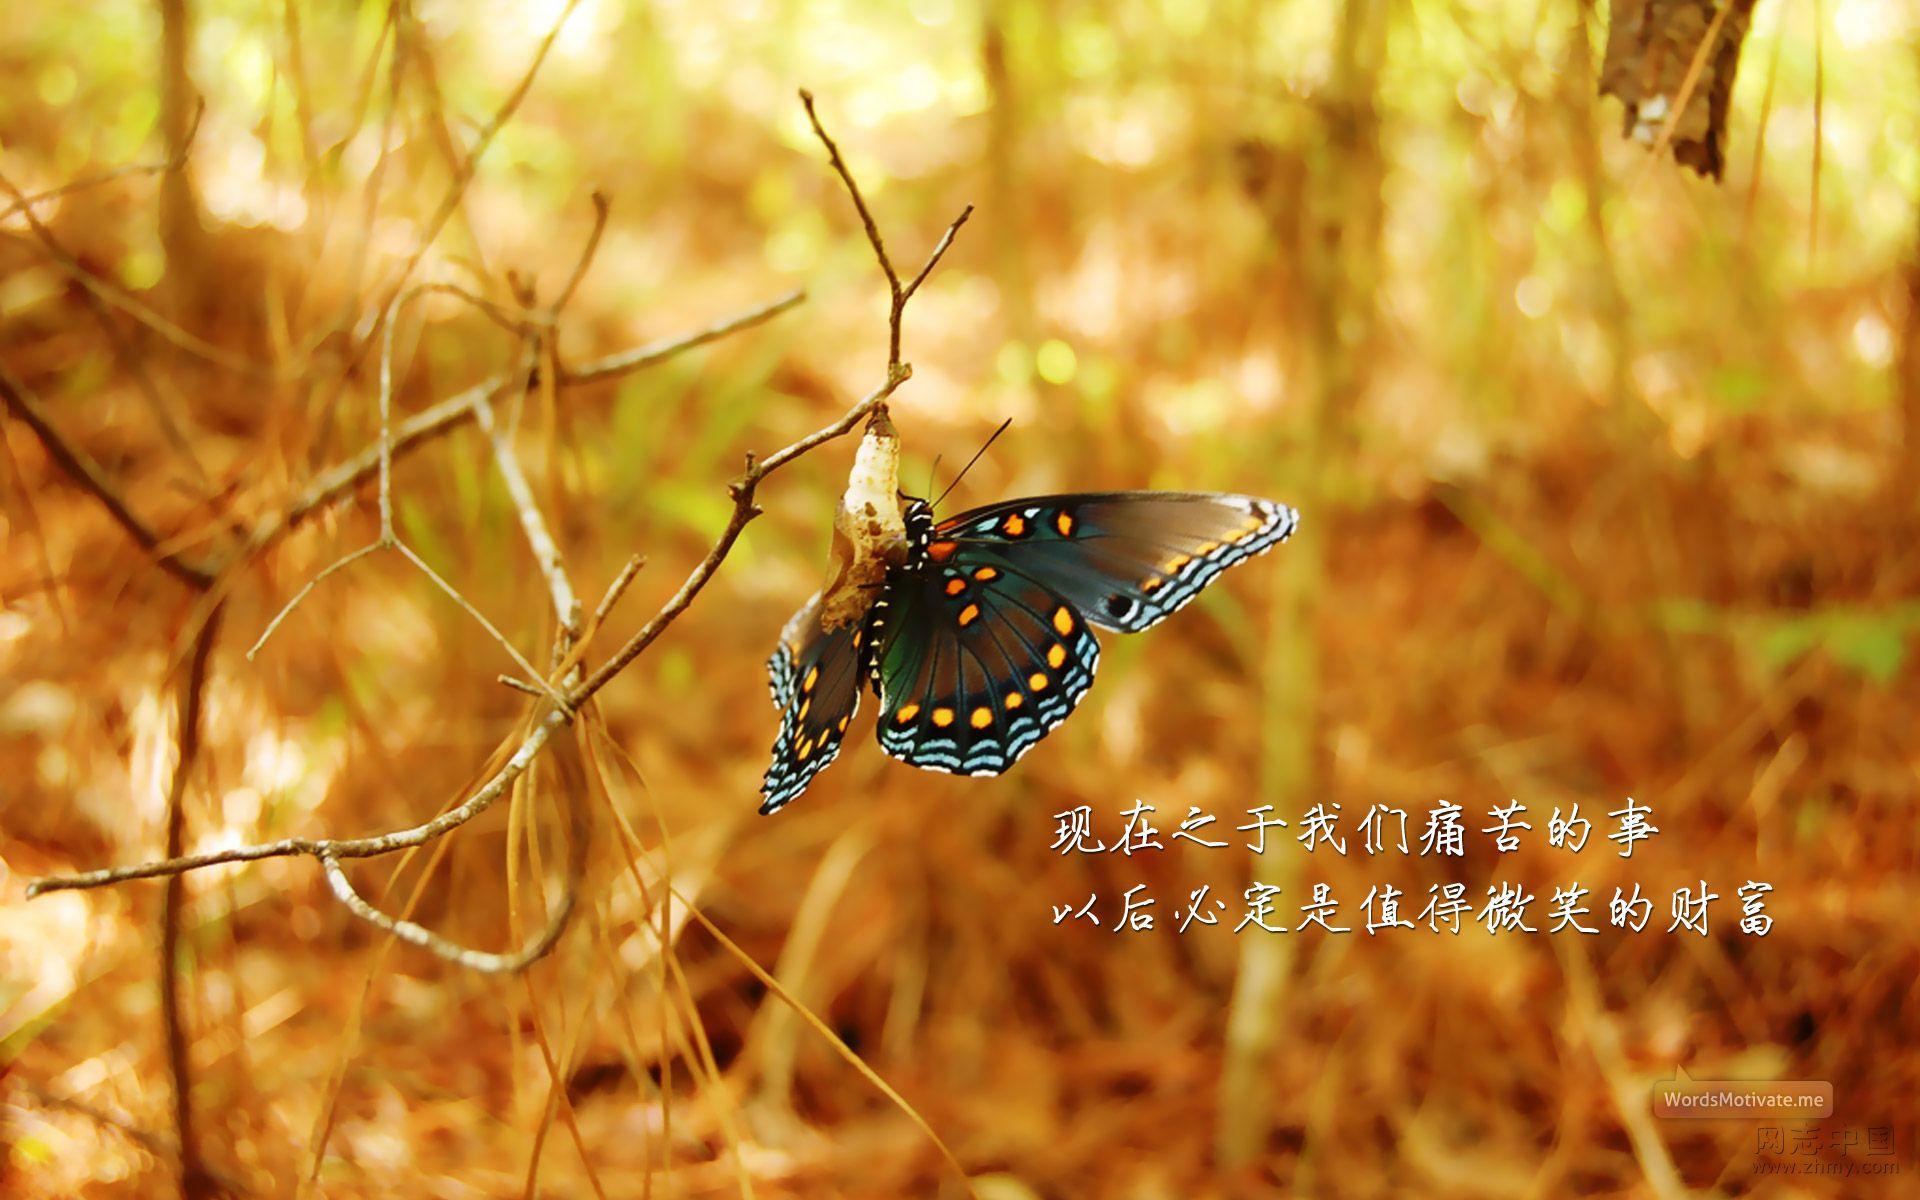 励志壁纸精选 (1).jpg